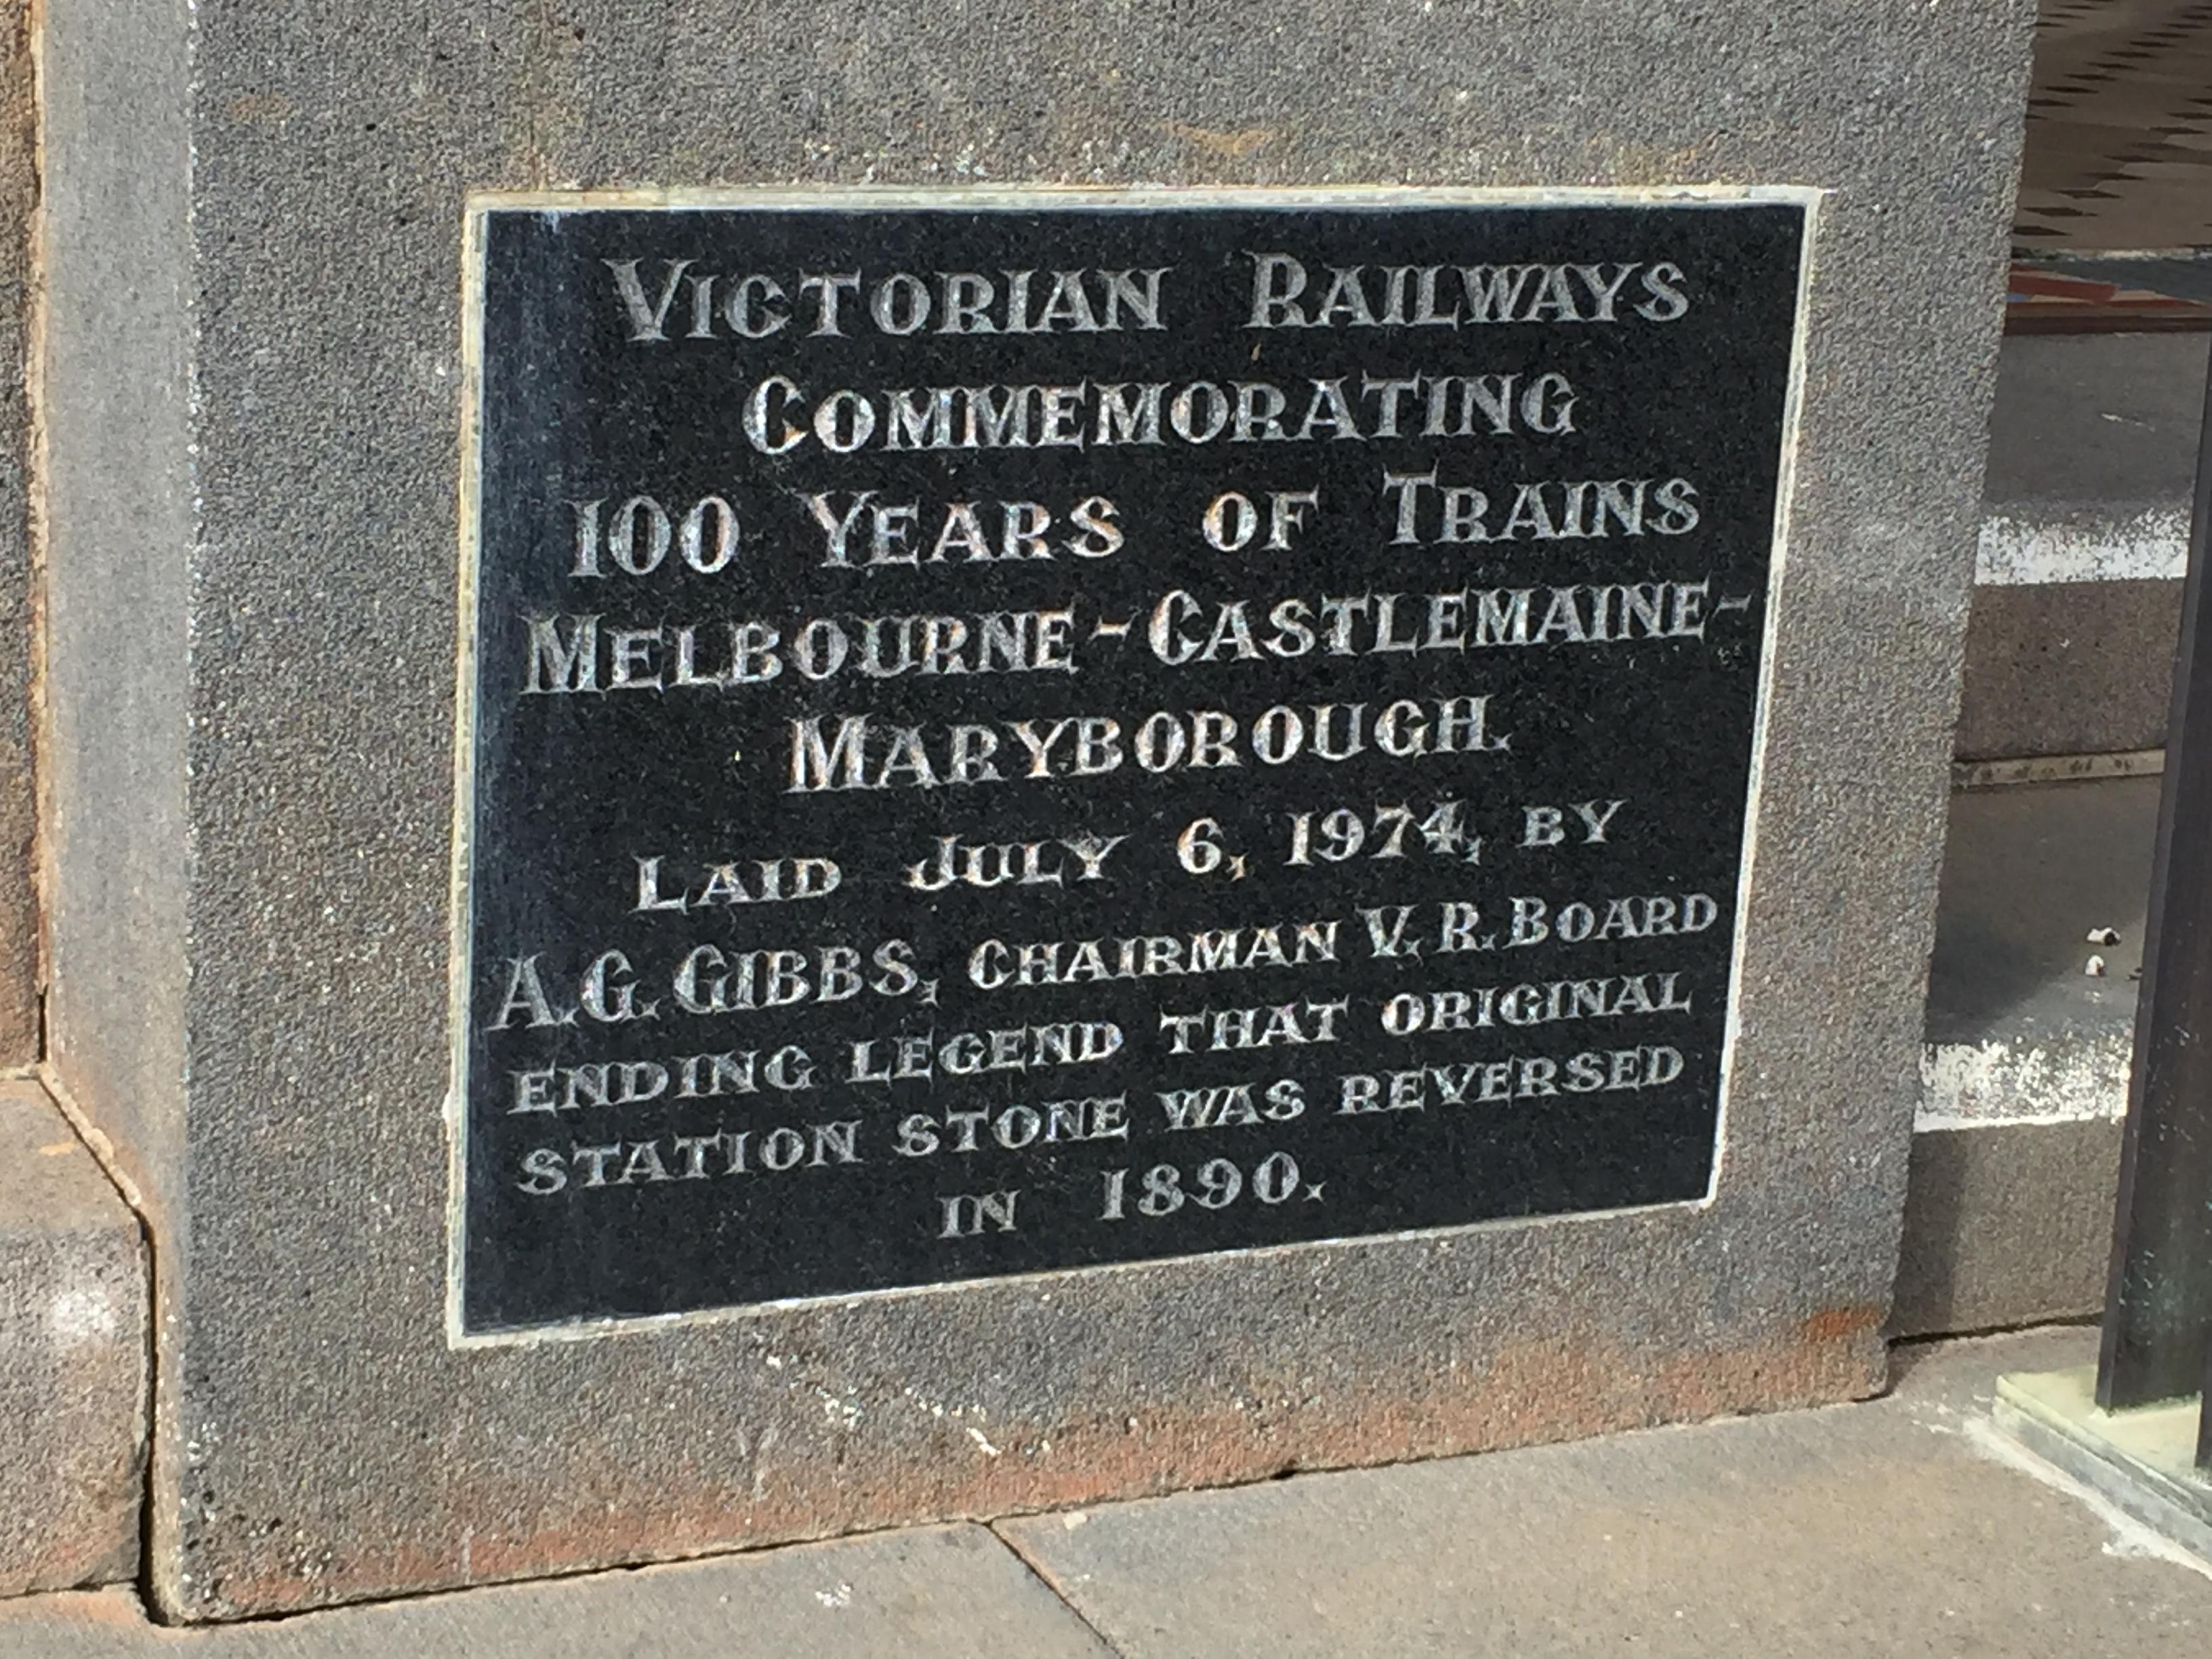 A commemorative stone needing more interpretation!